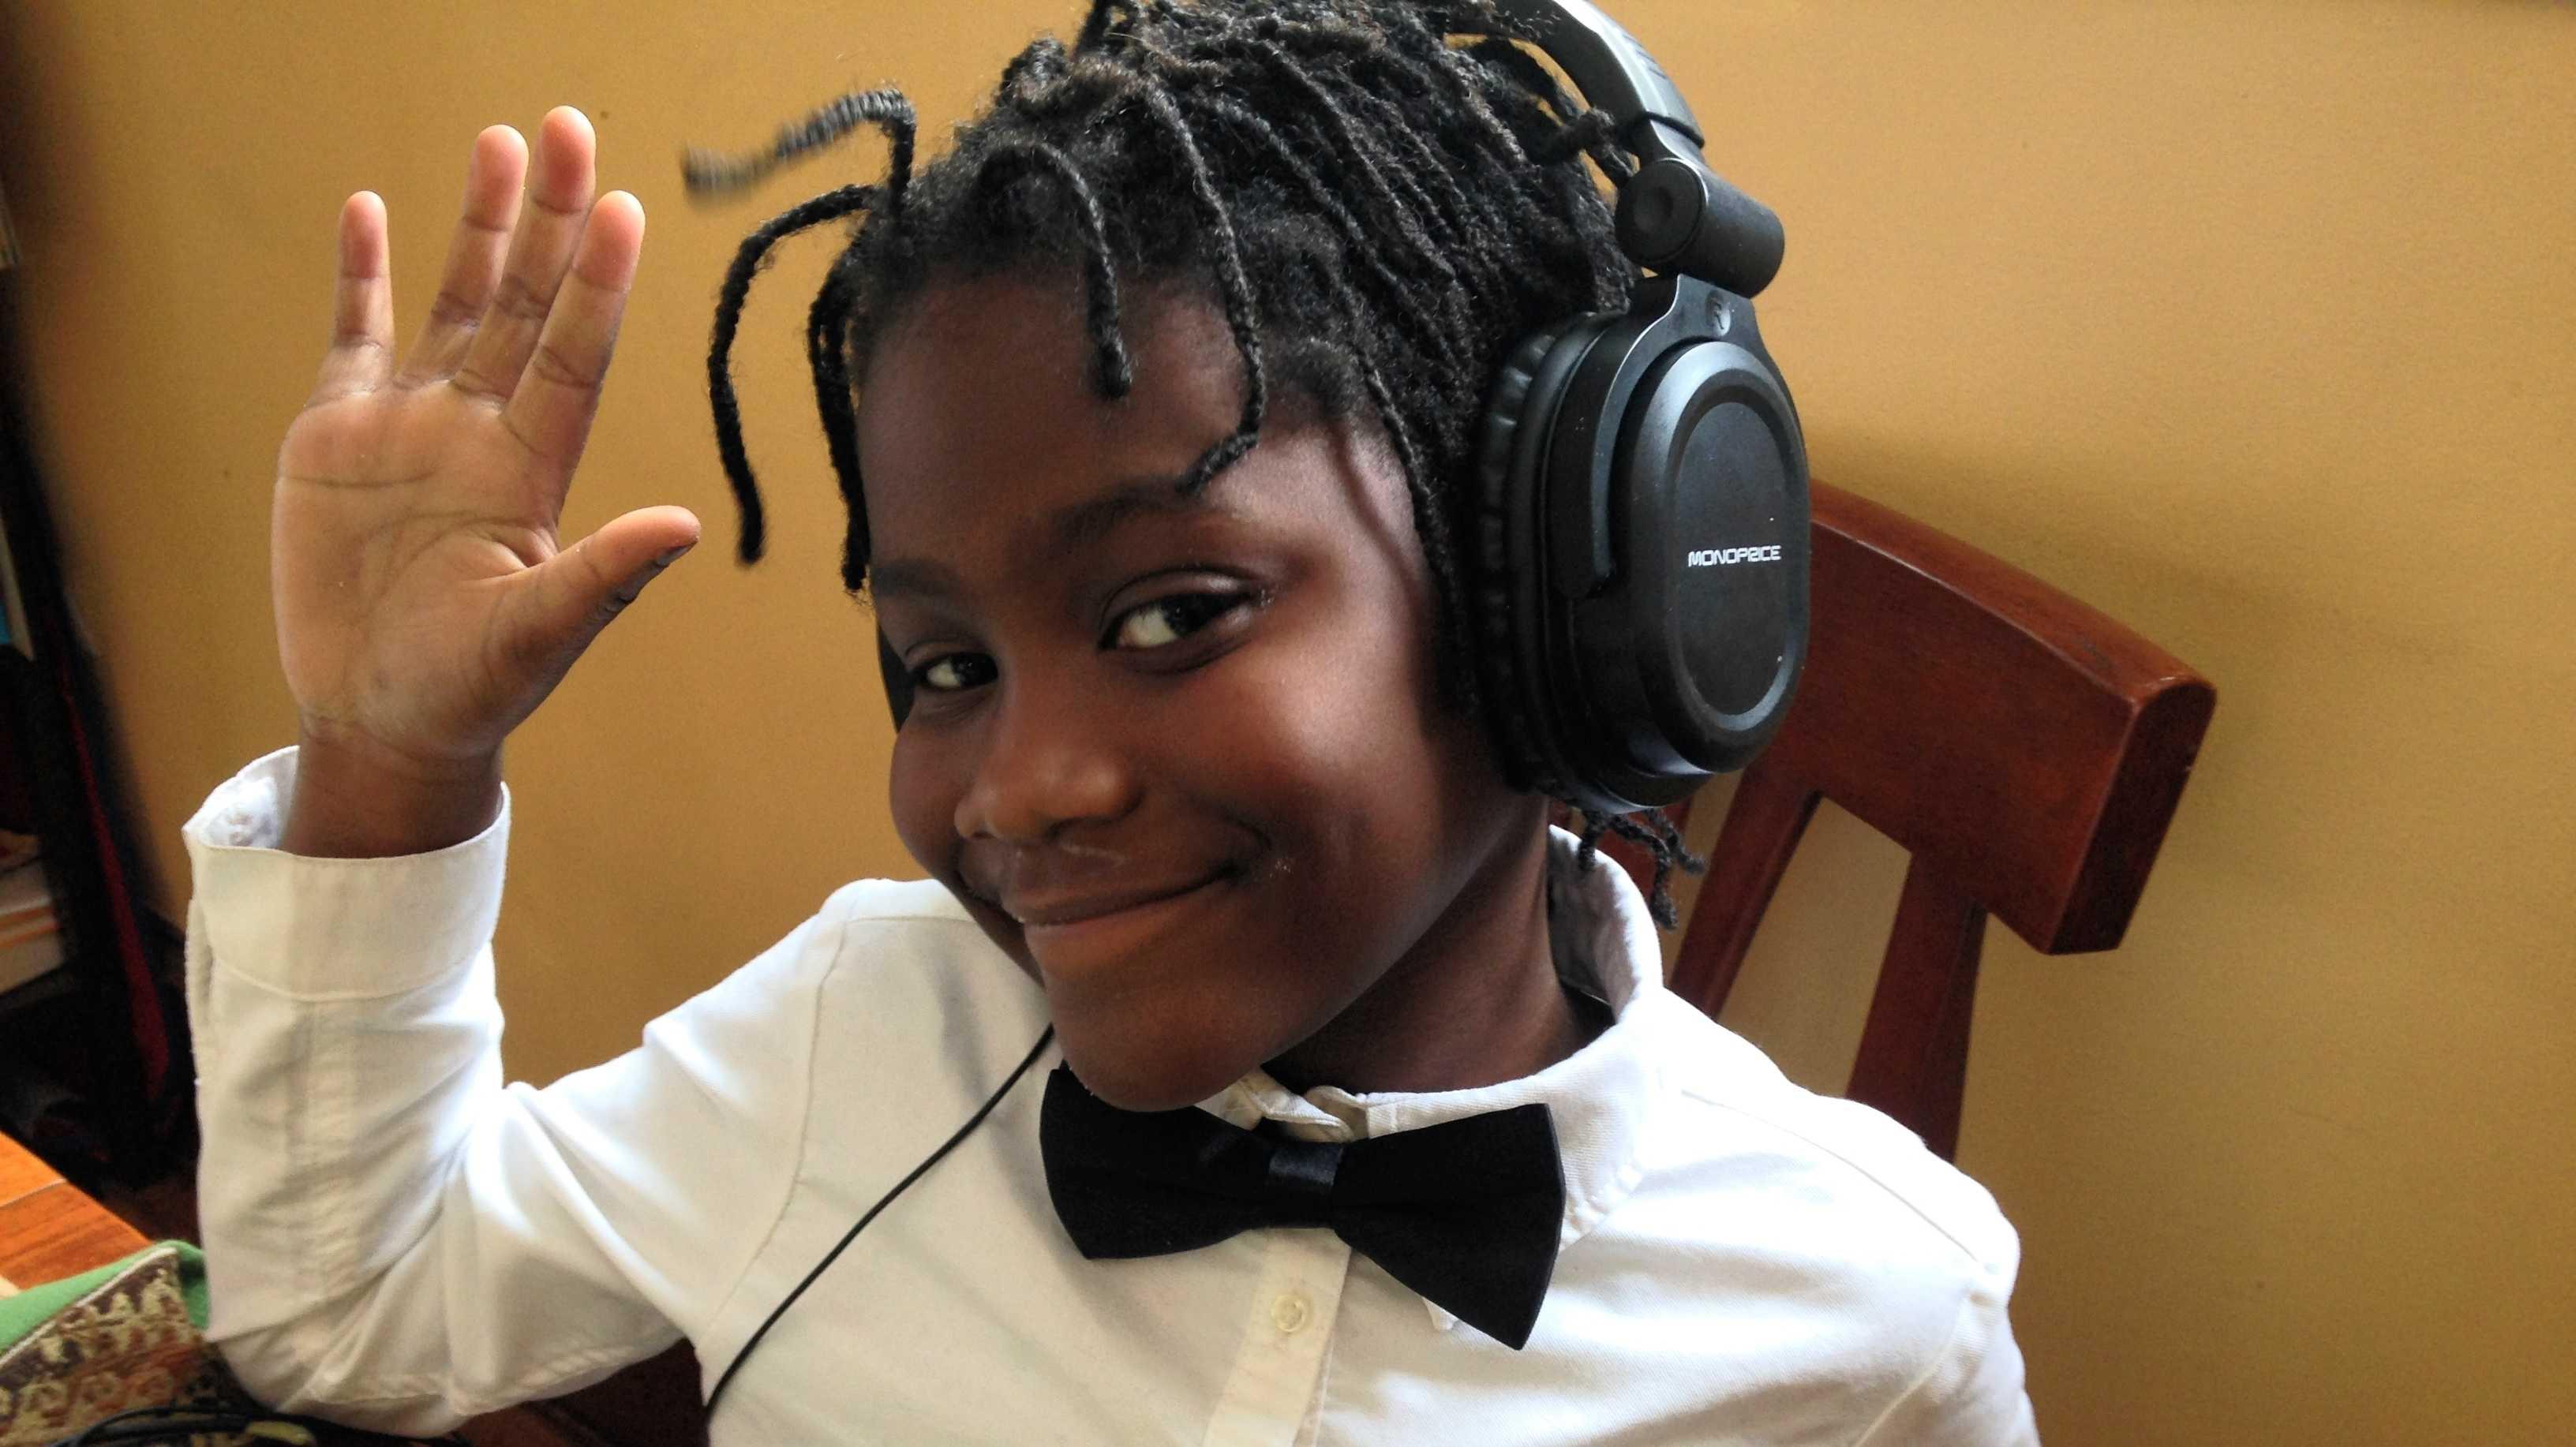 Schwarzes Mädchen mit Kopfhörern